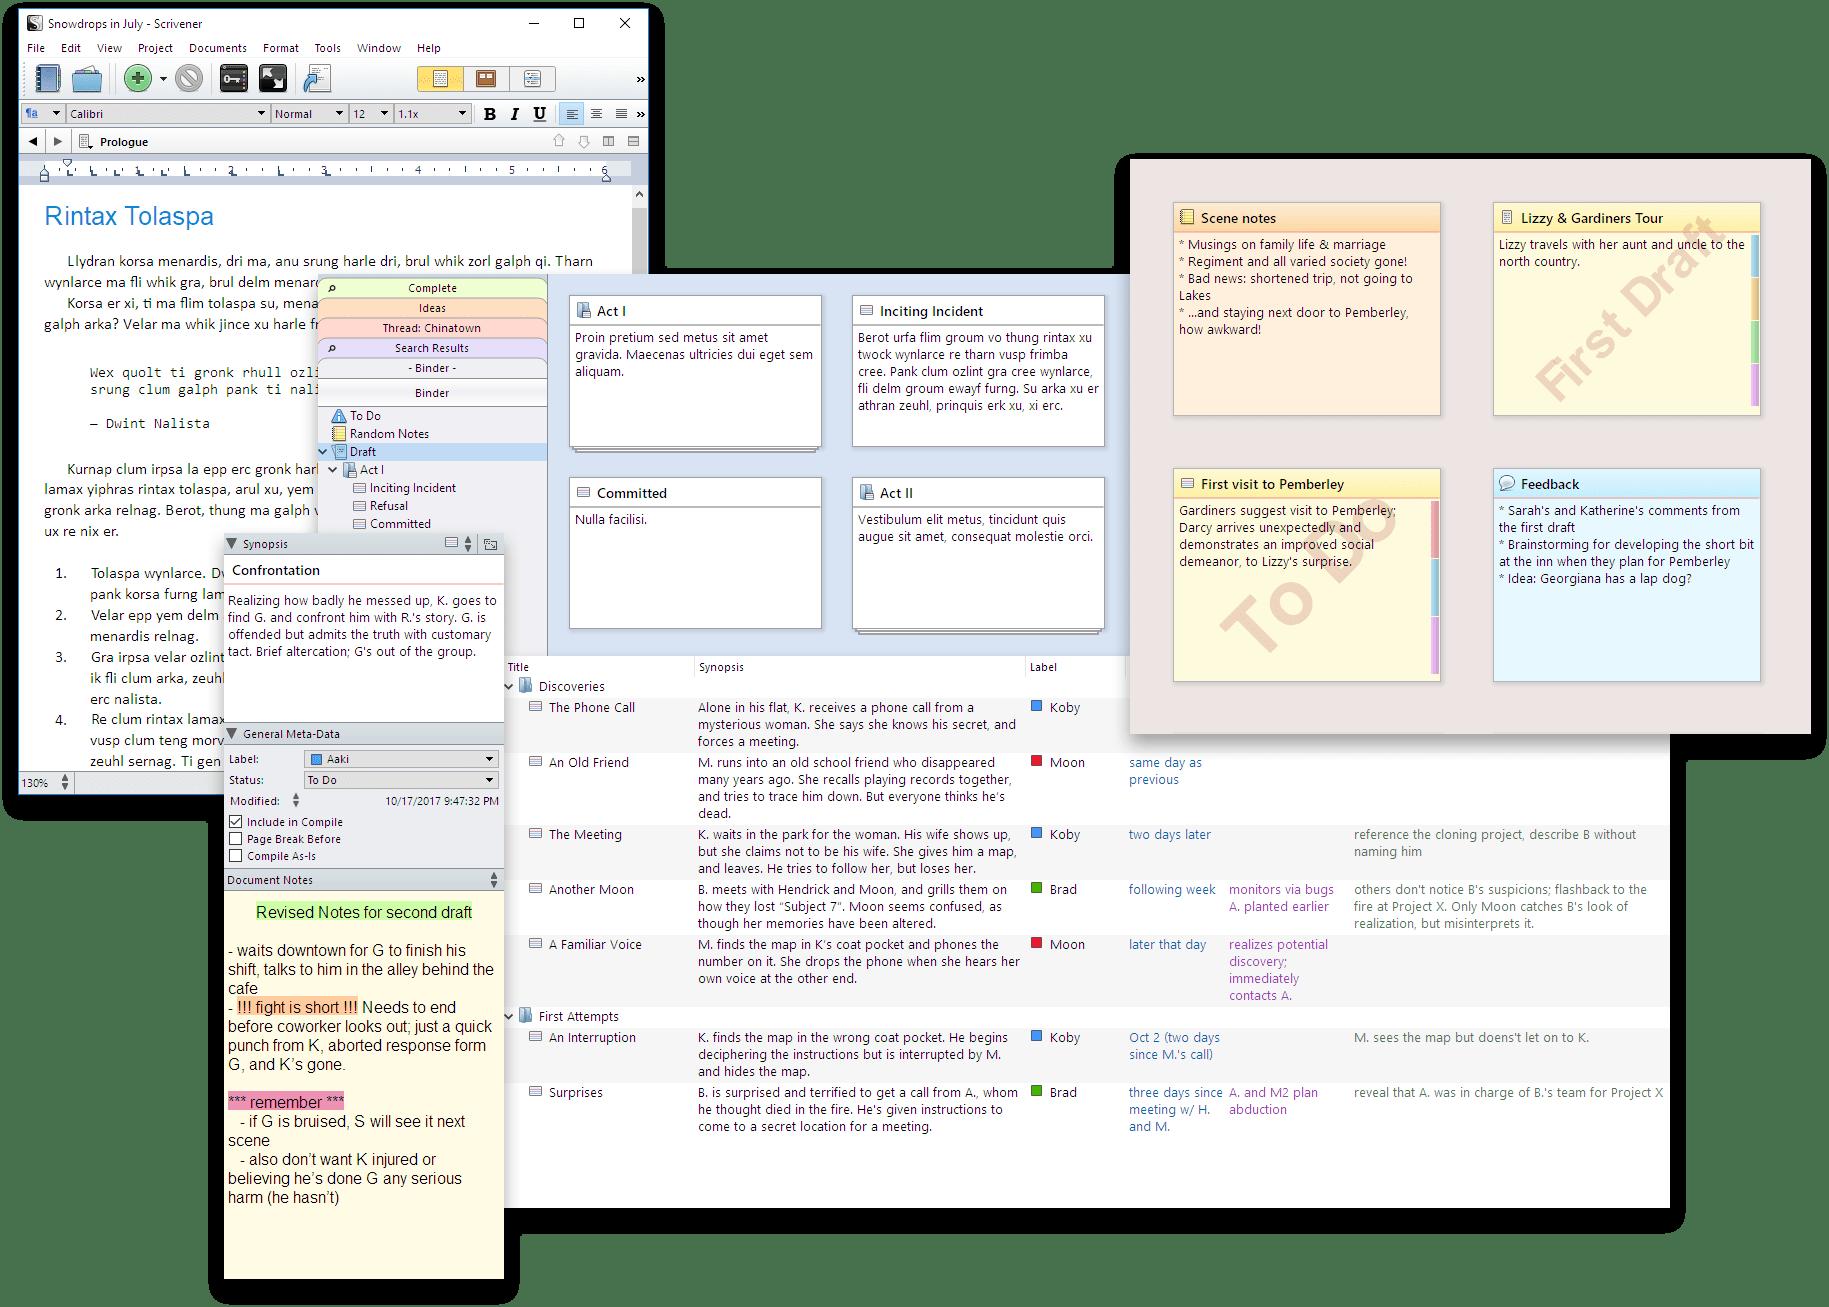 Scrivener - Features